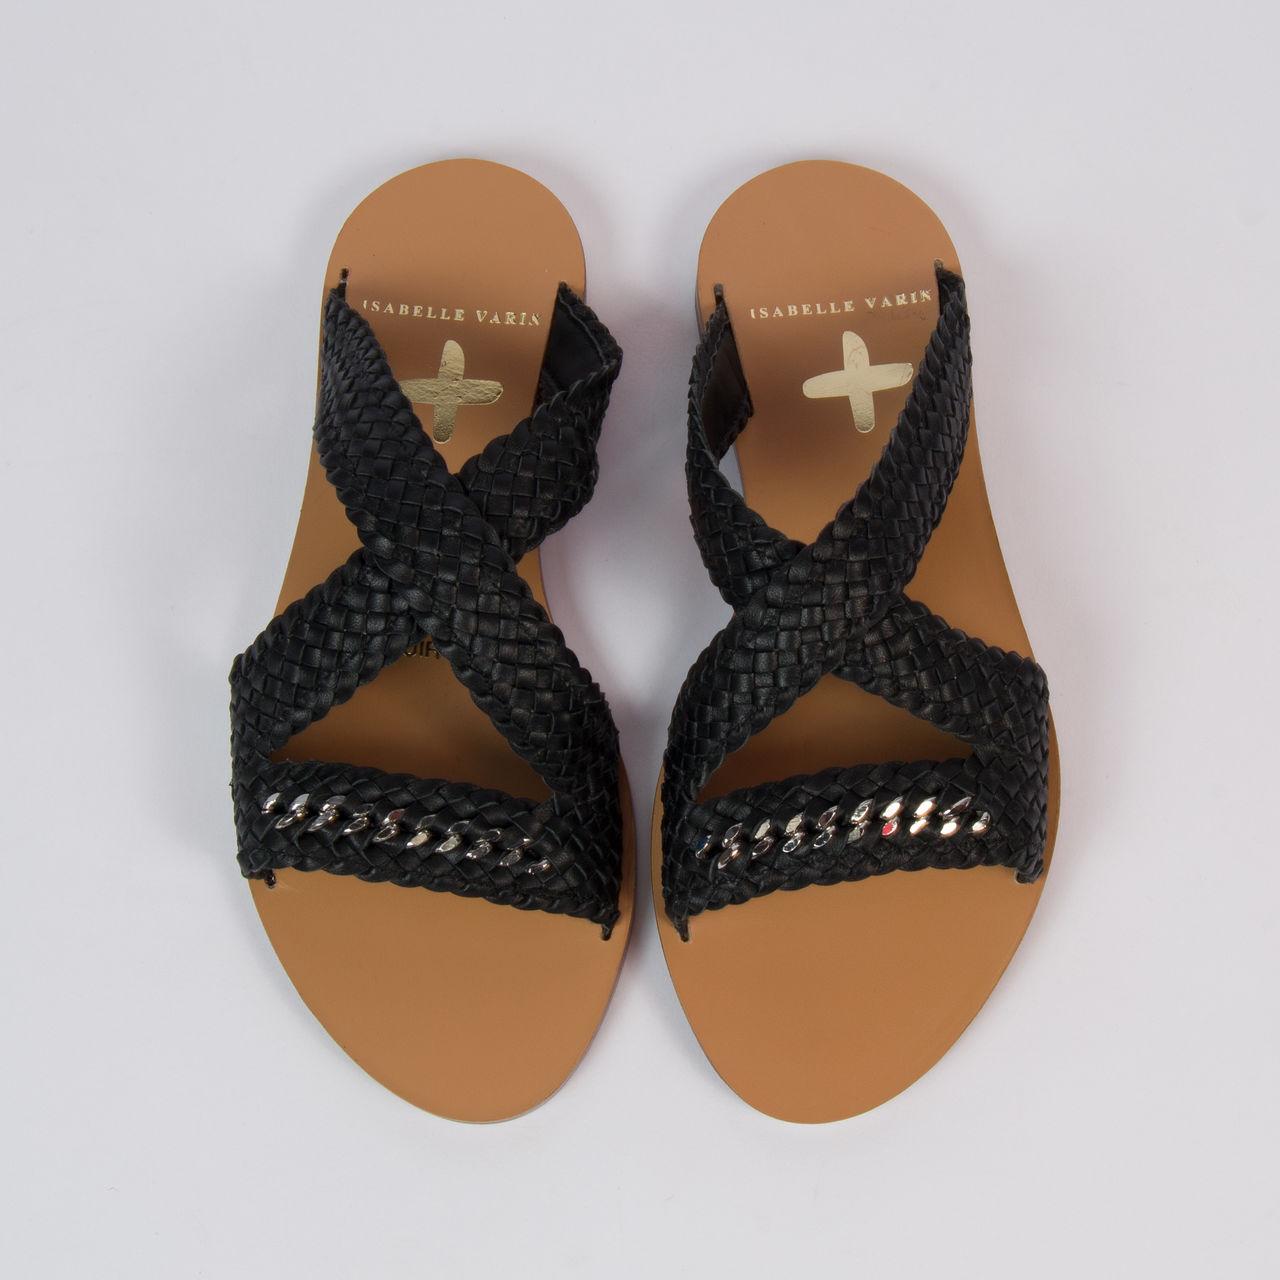 Varin › Isabelle La Femme Chaussures Shane Tressées NoirBoutique Sandales e9IY2WEDH